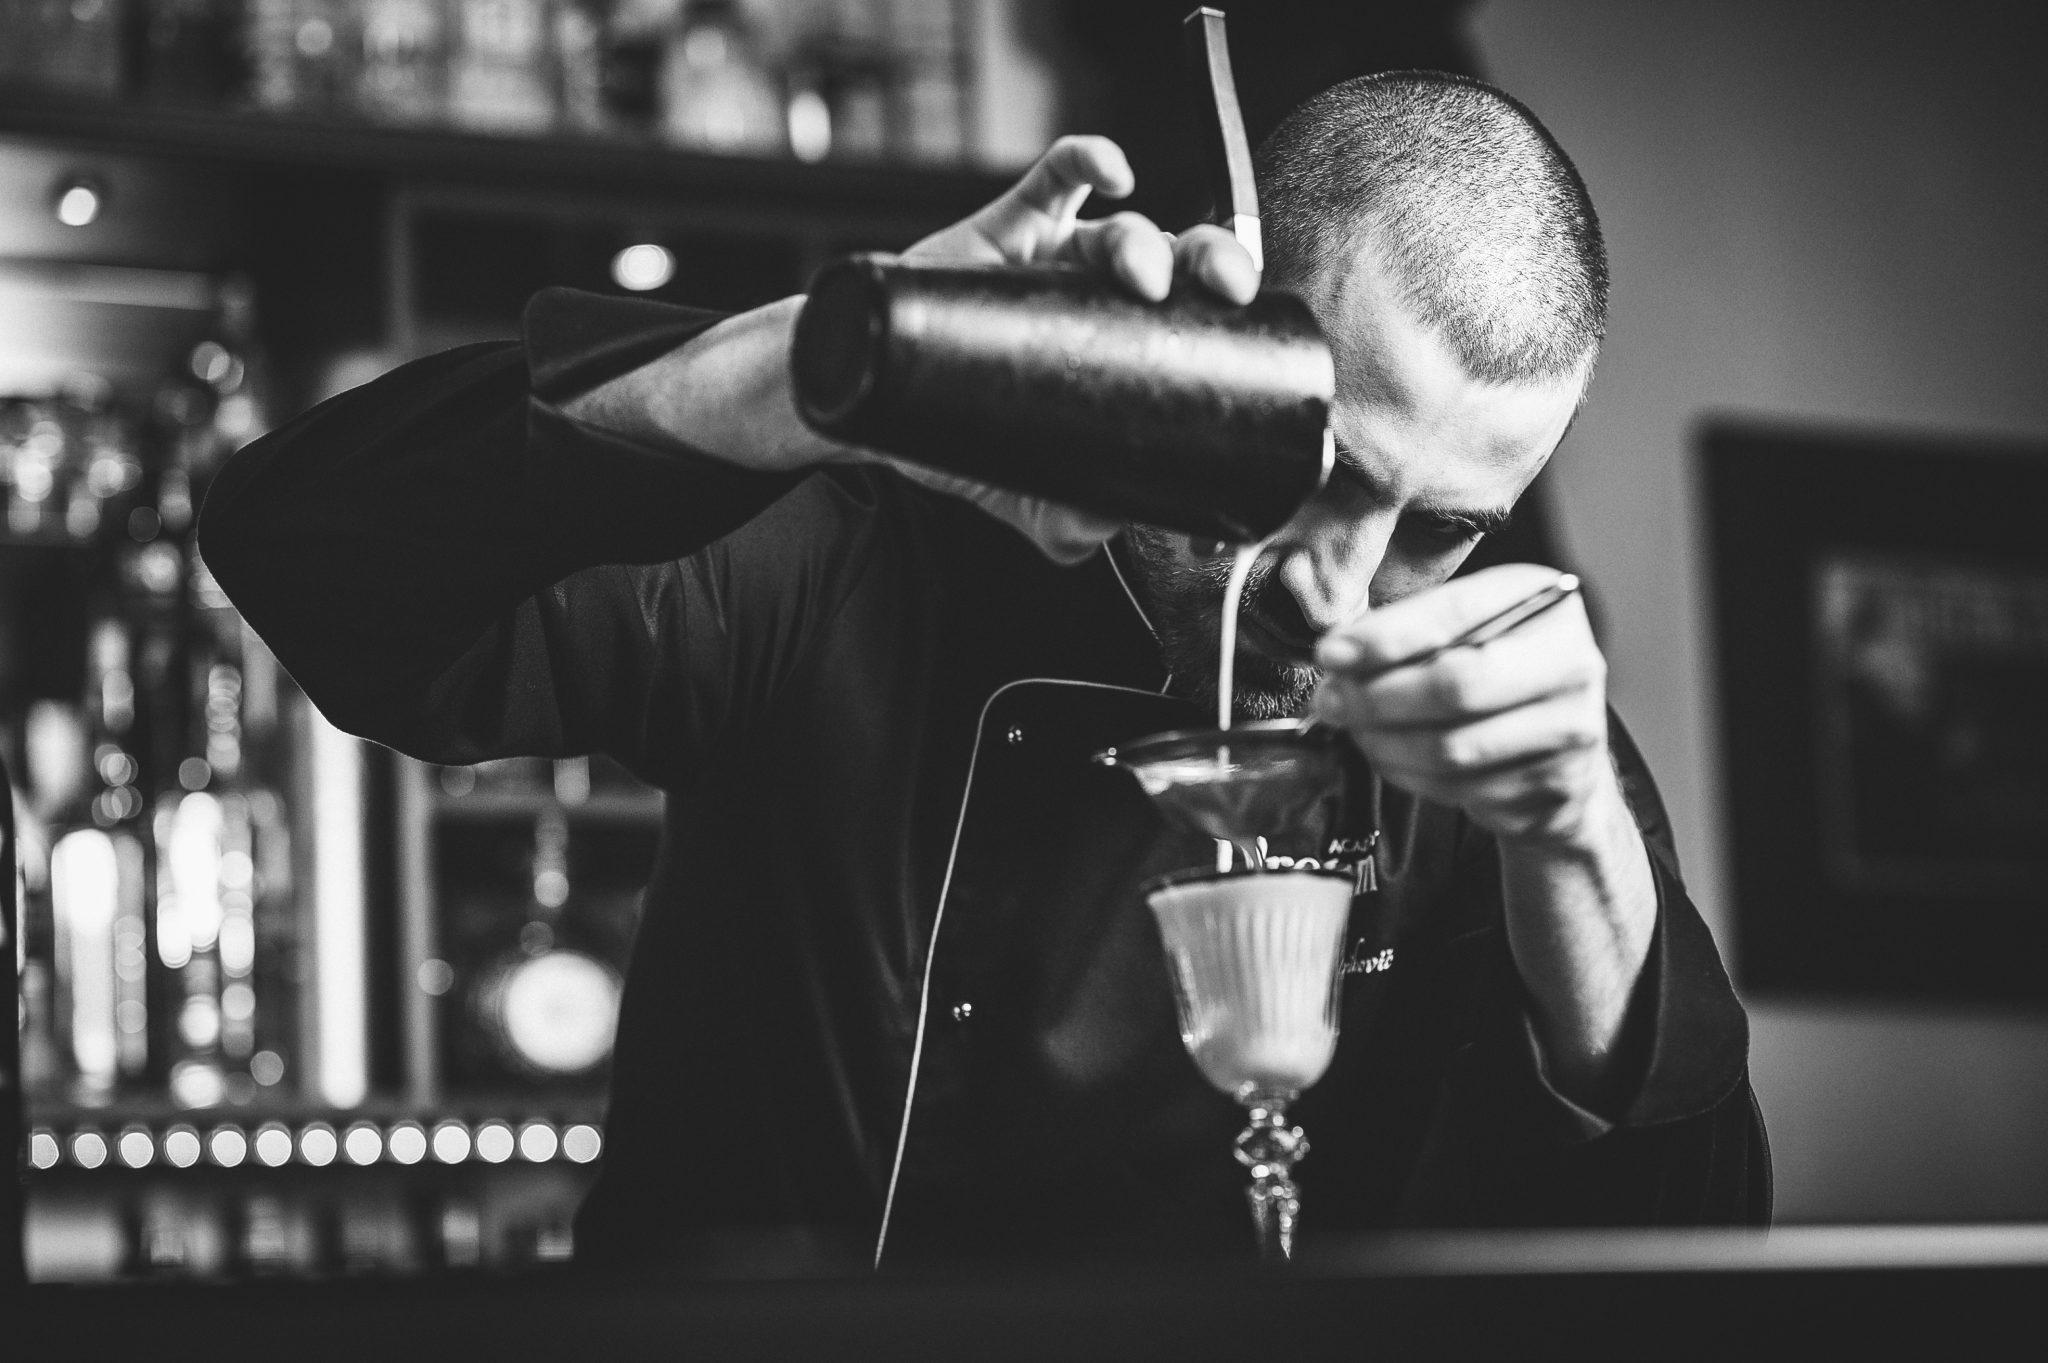 Sour, Dream Cocktail Session